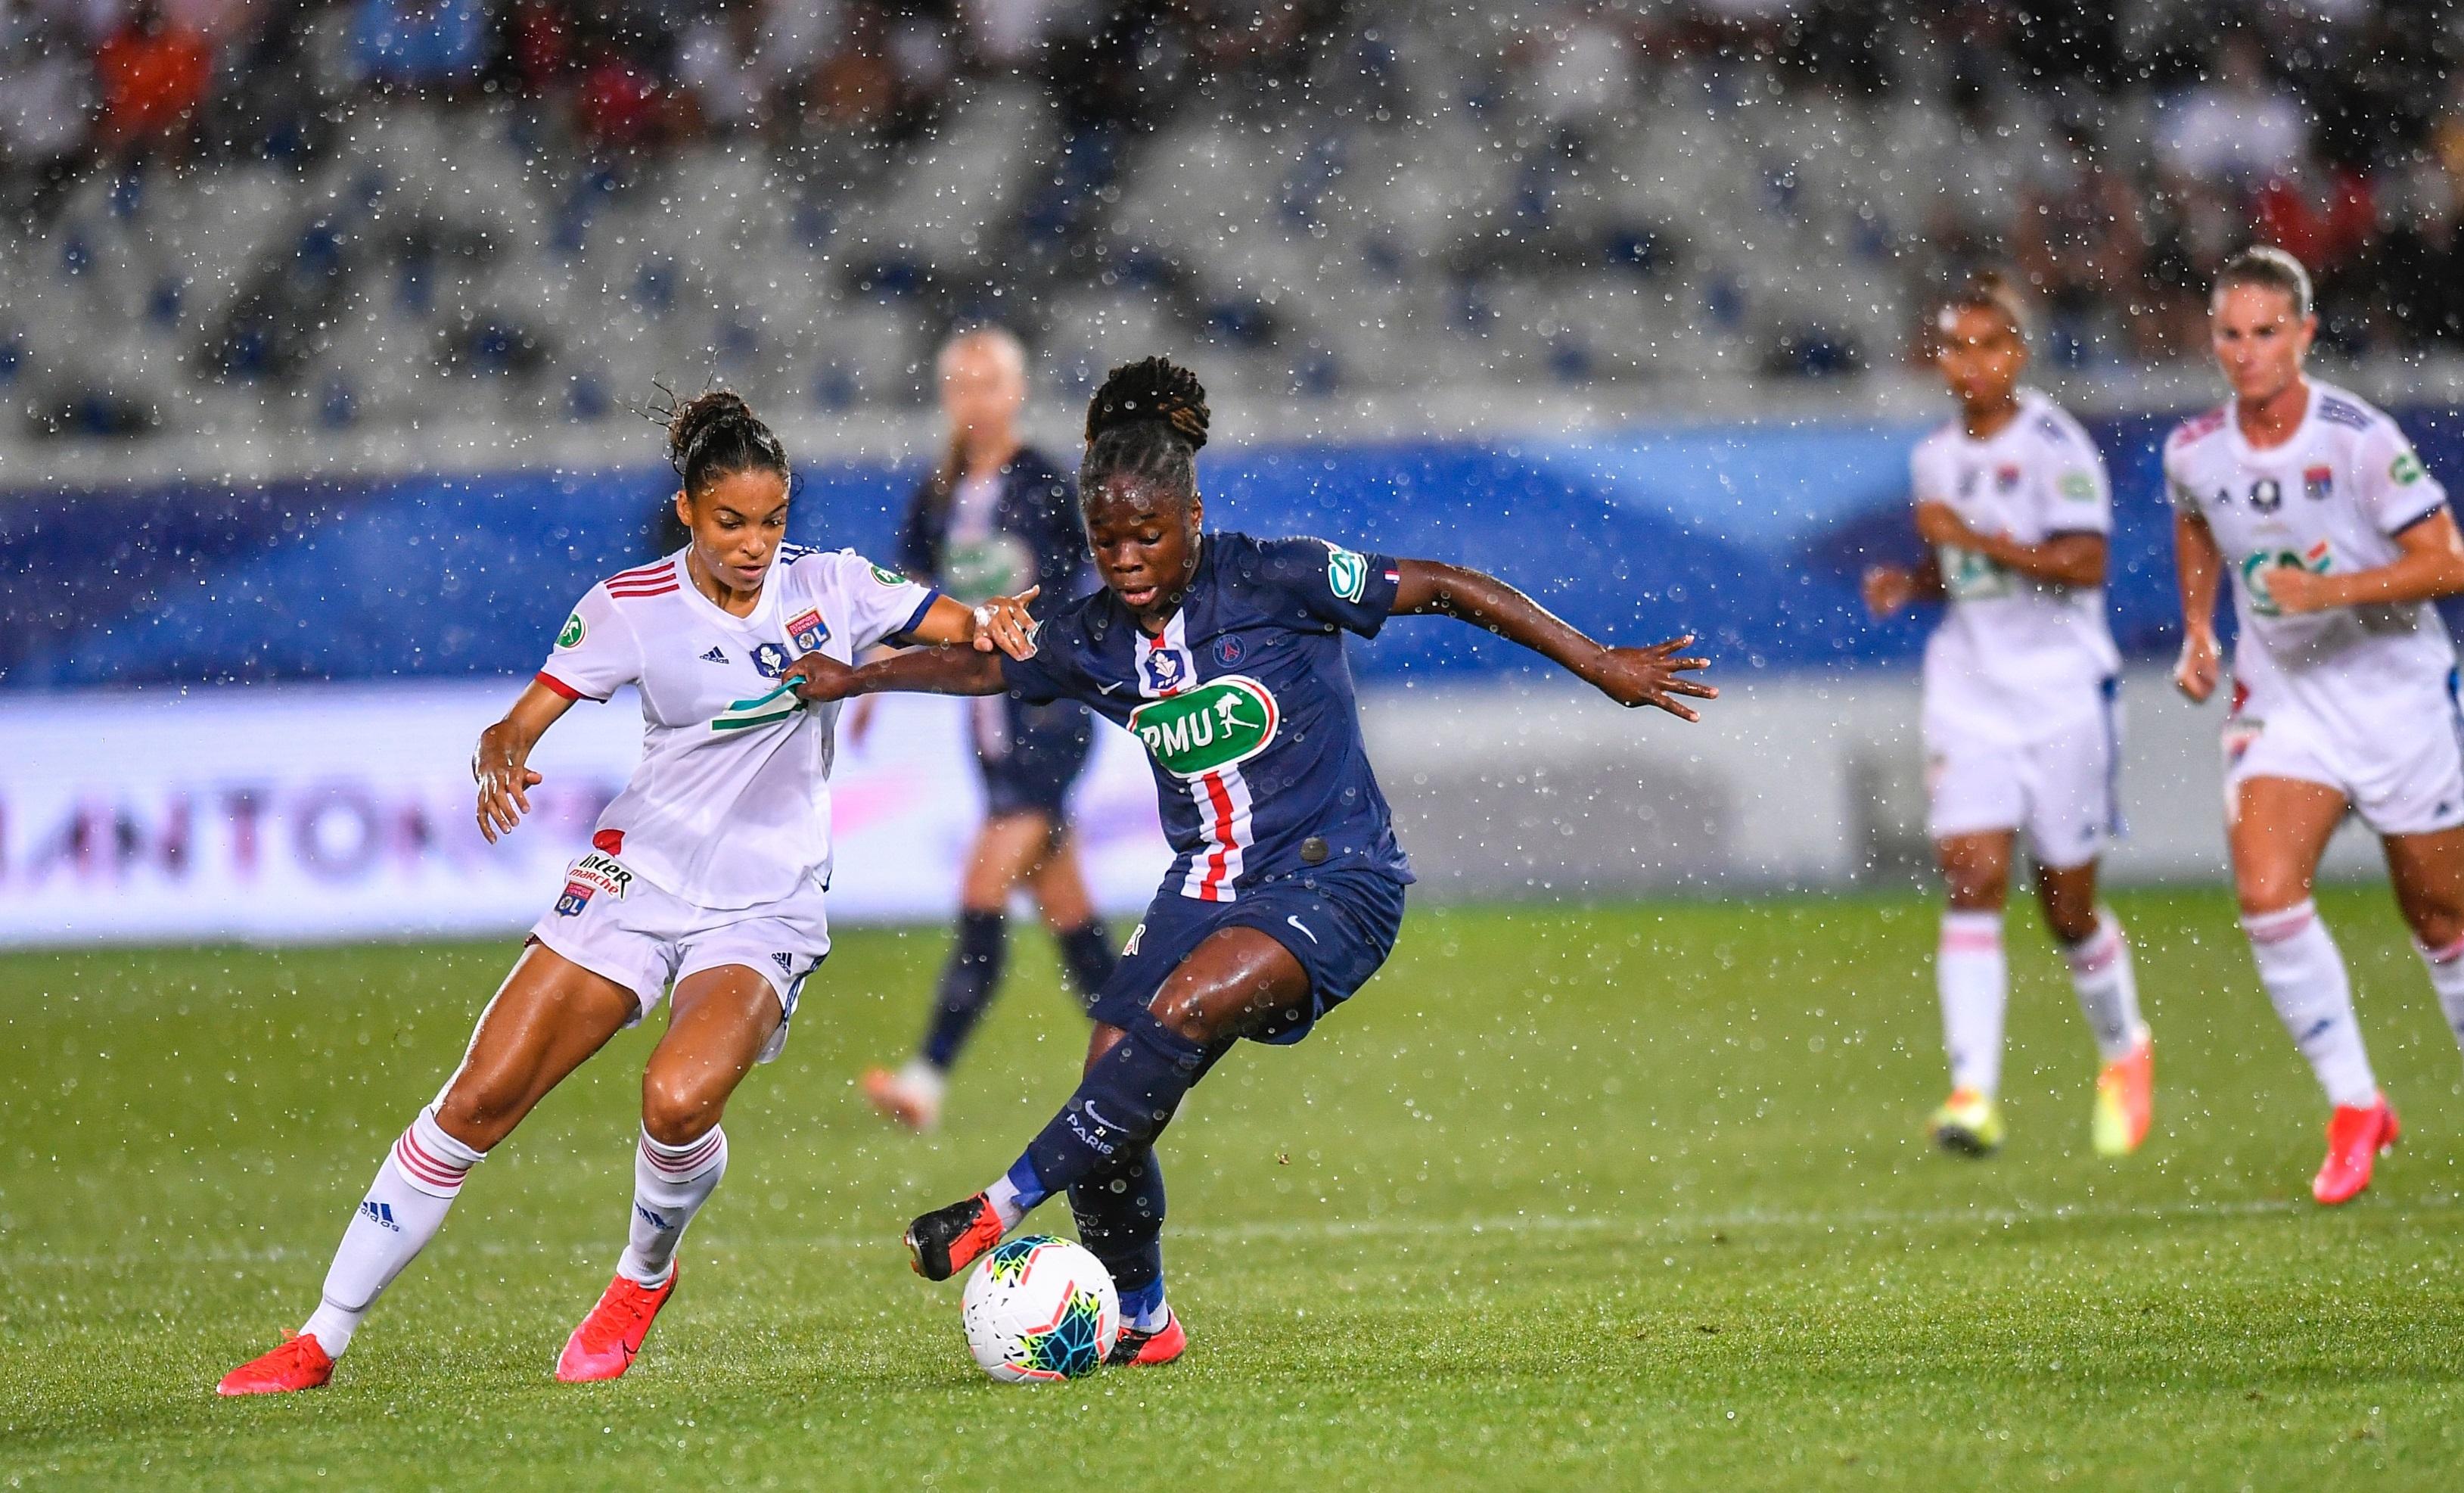 Cascarino et Baltimore se disputent le ballon sous la pluie icaunaise (photo PSG)